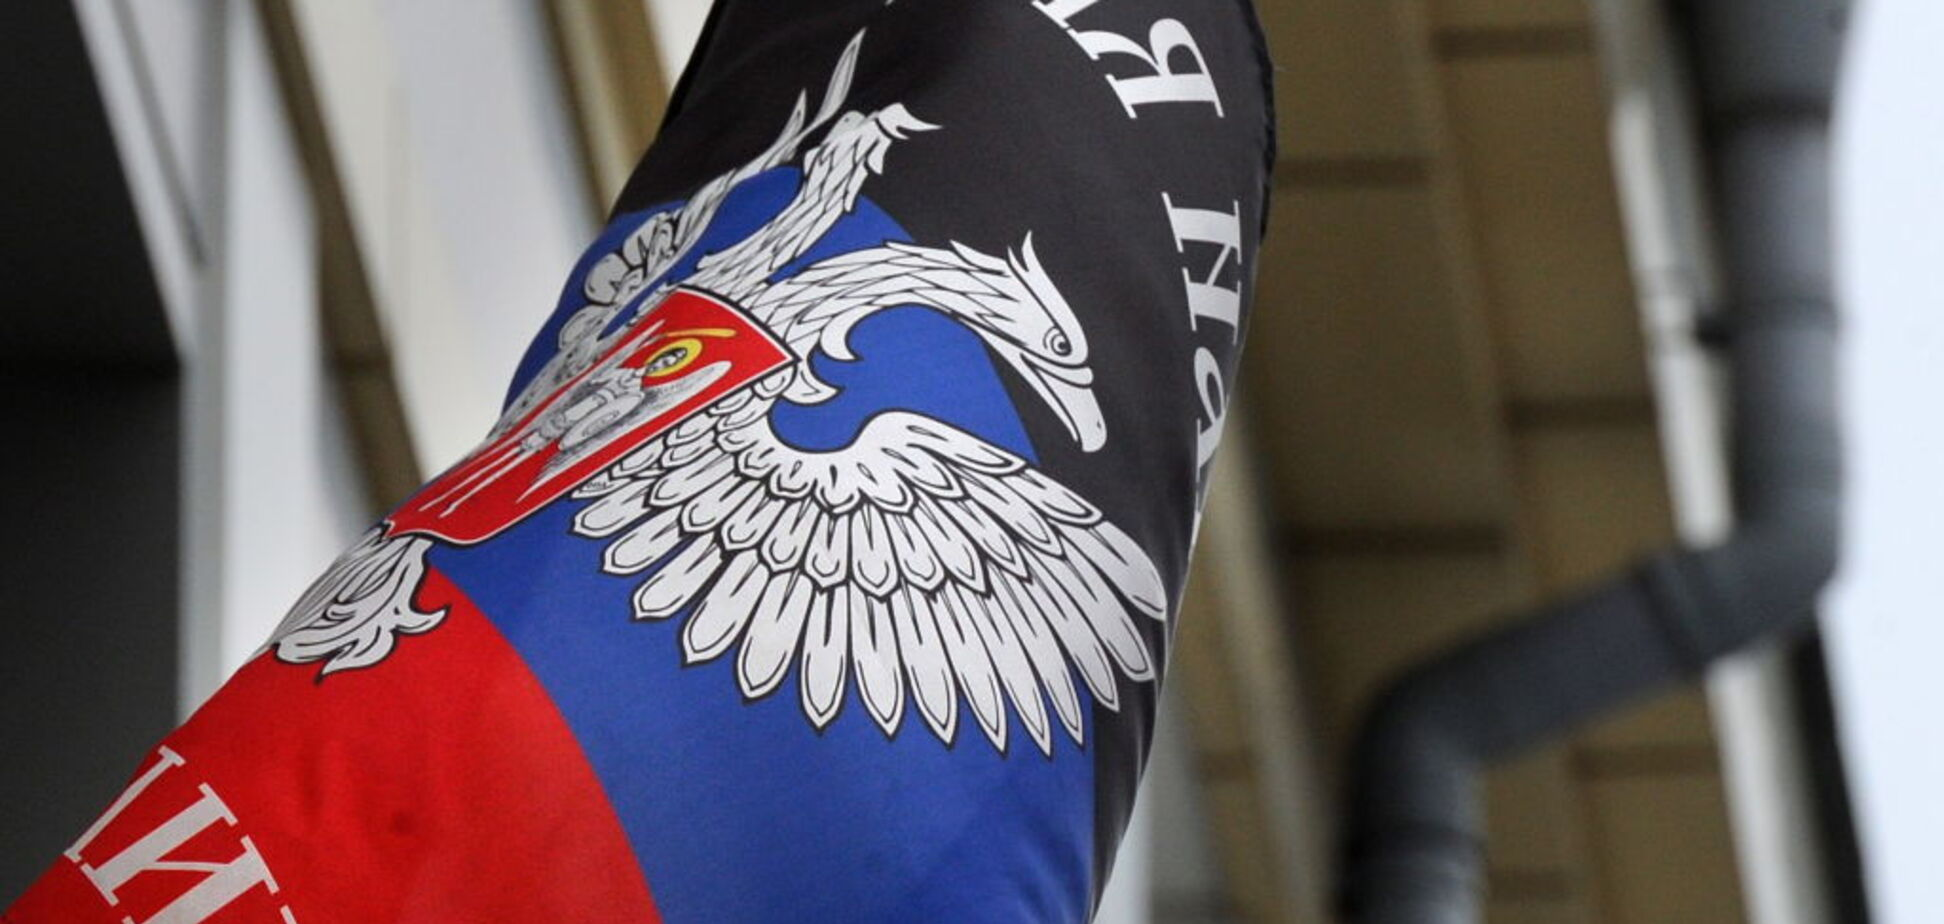 Чекають підмогу з РФ: 'Л/ДНР' готуються до масштабного наступу України